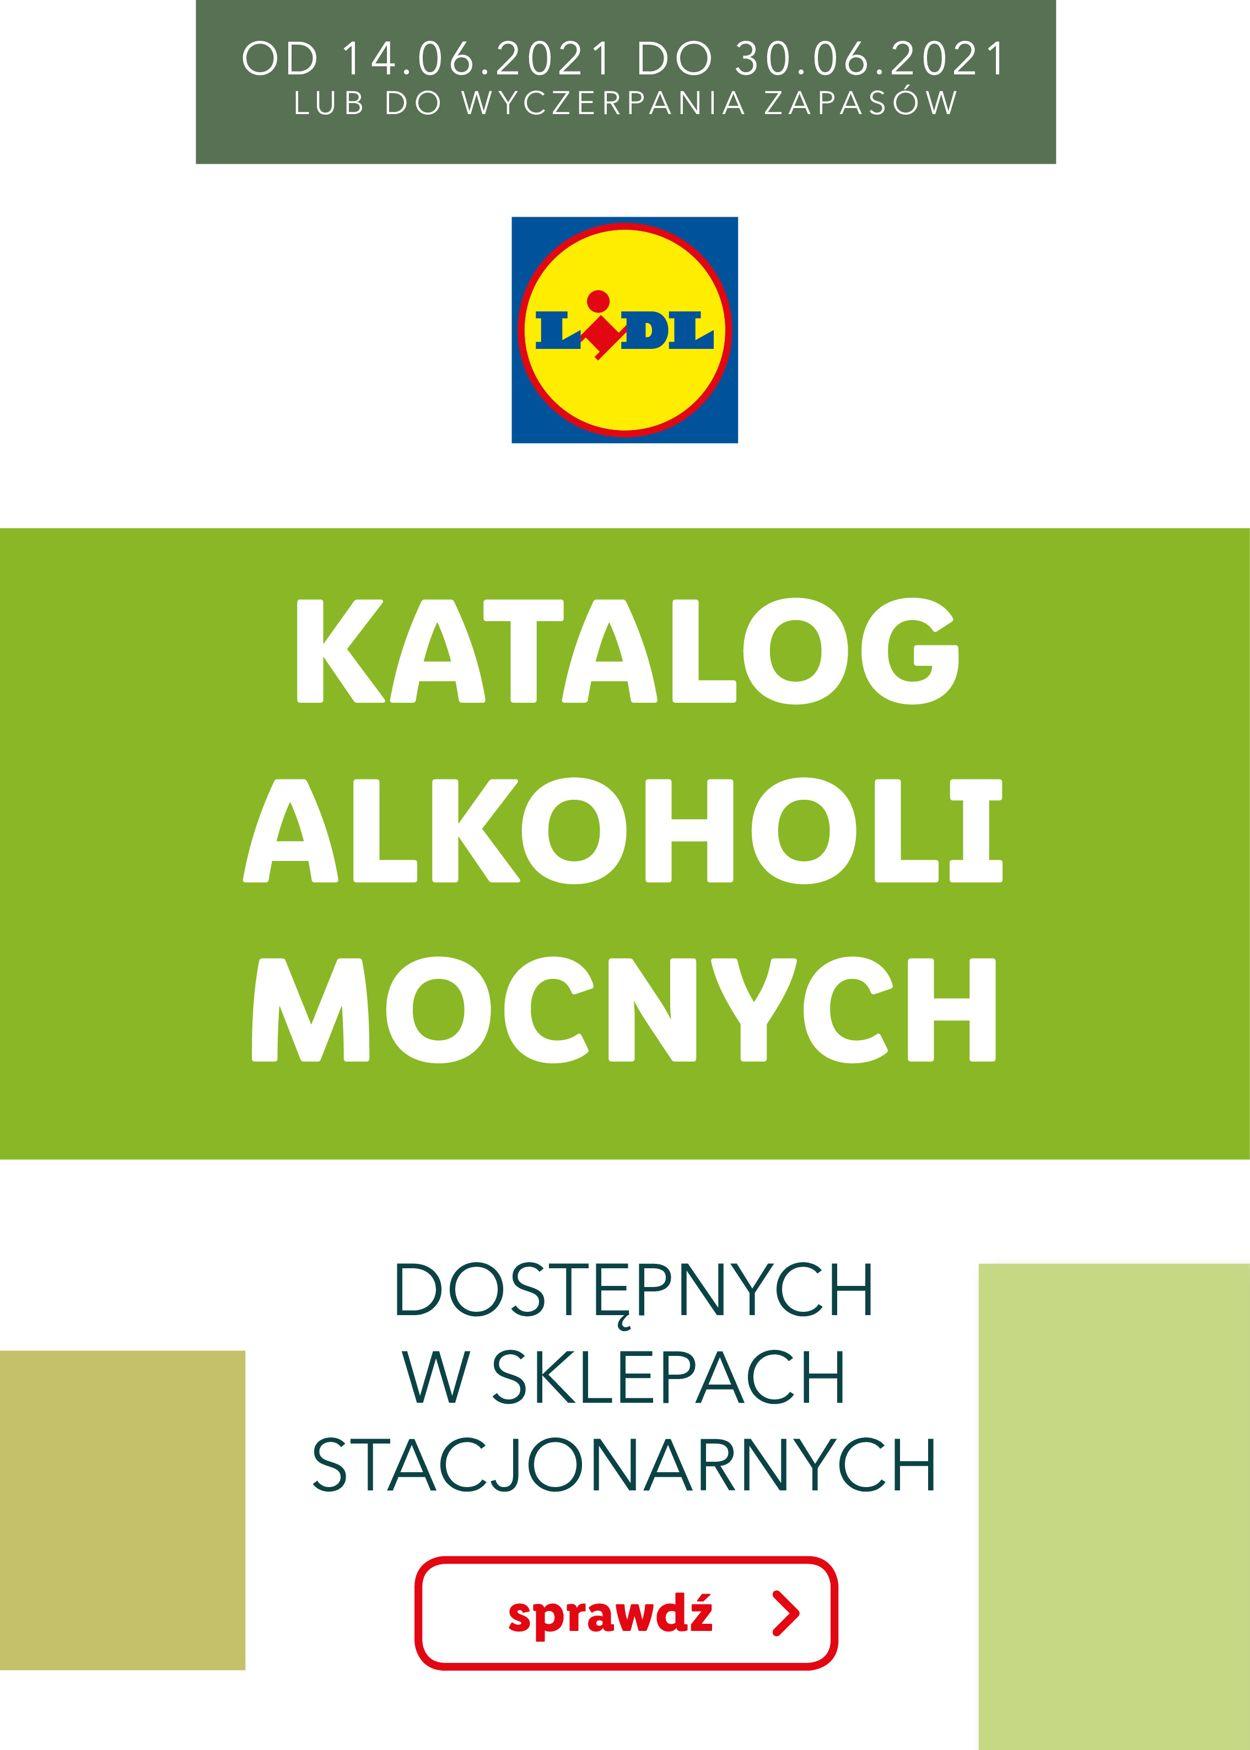 Gazetka promocyjna LIDL - 14.06-30.06.2021